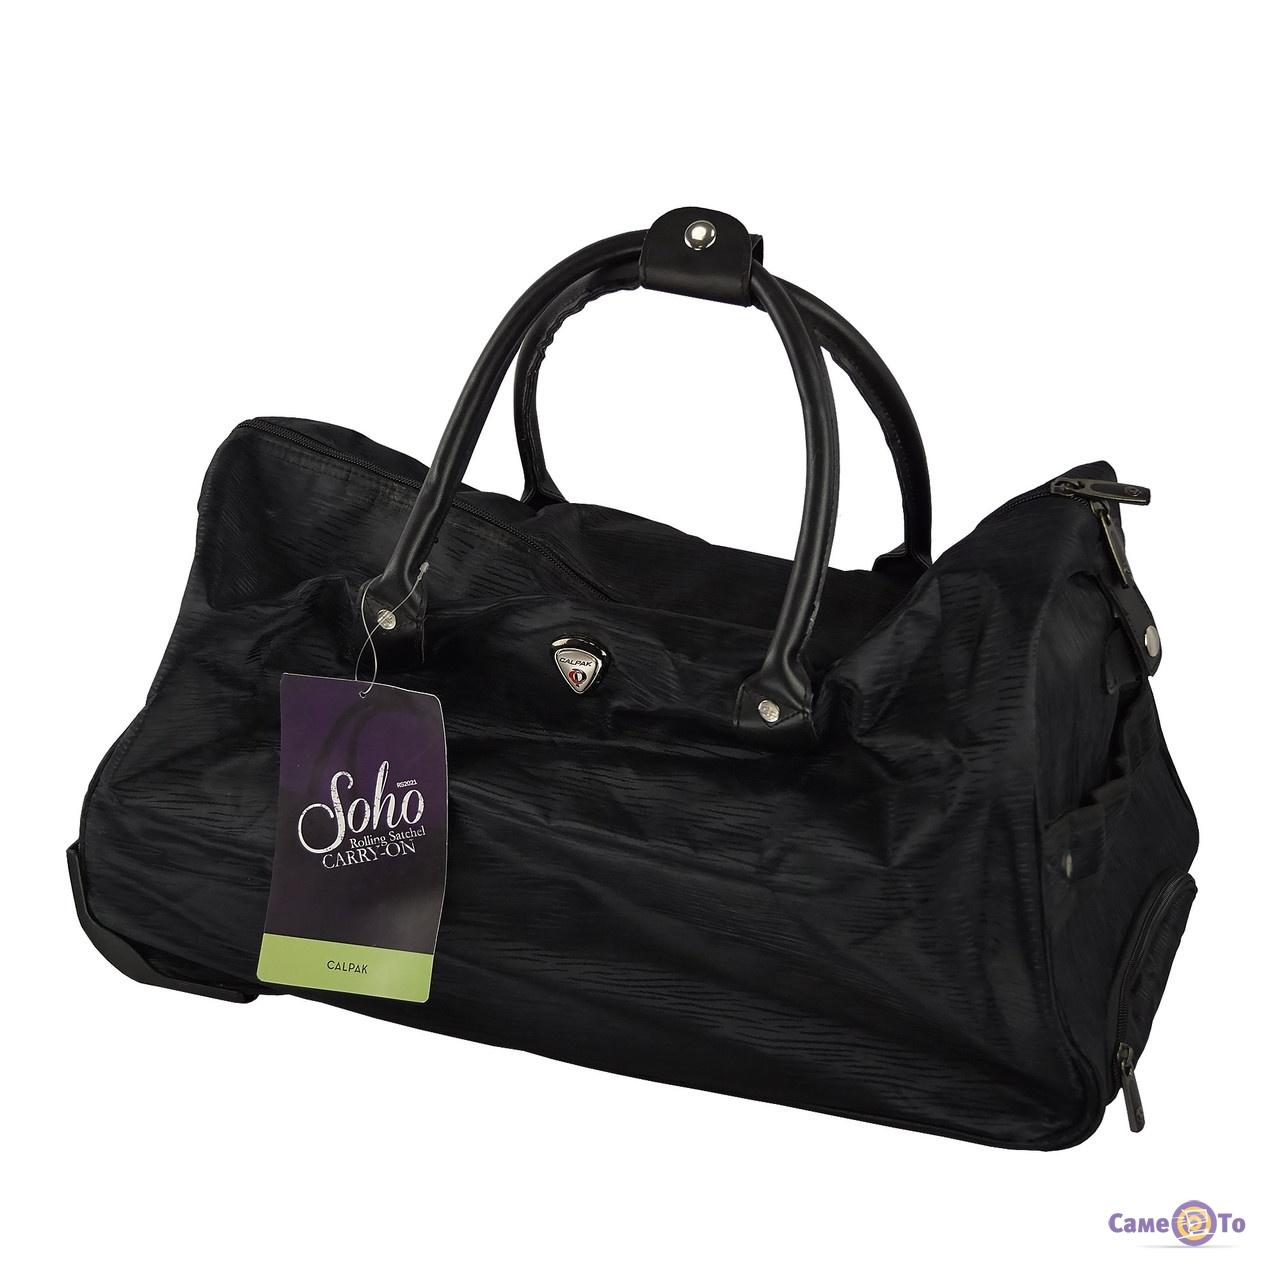 Дорожная сумка на колесах - удобная сумка чемодан на колесиках Calpak